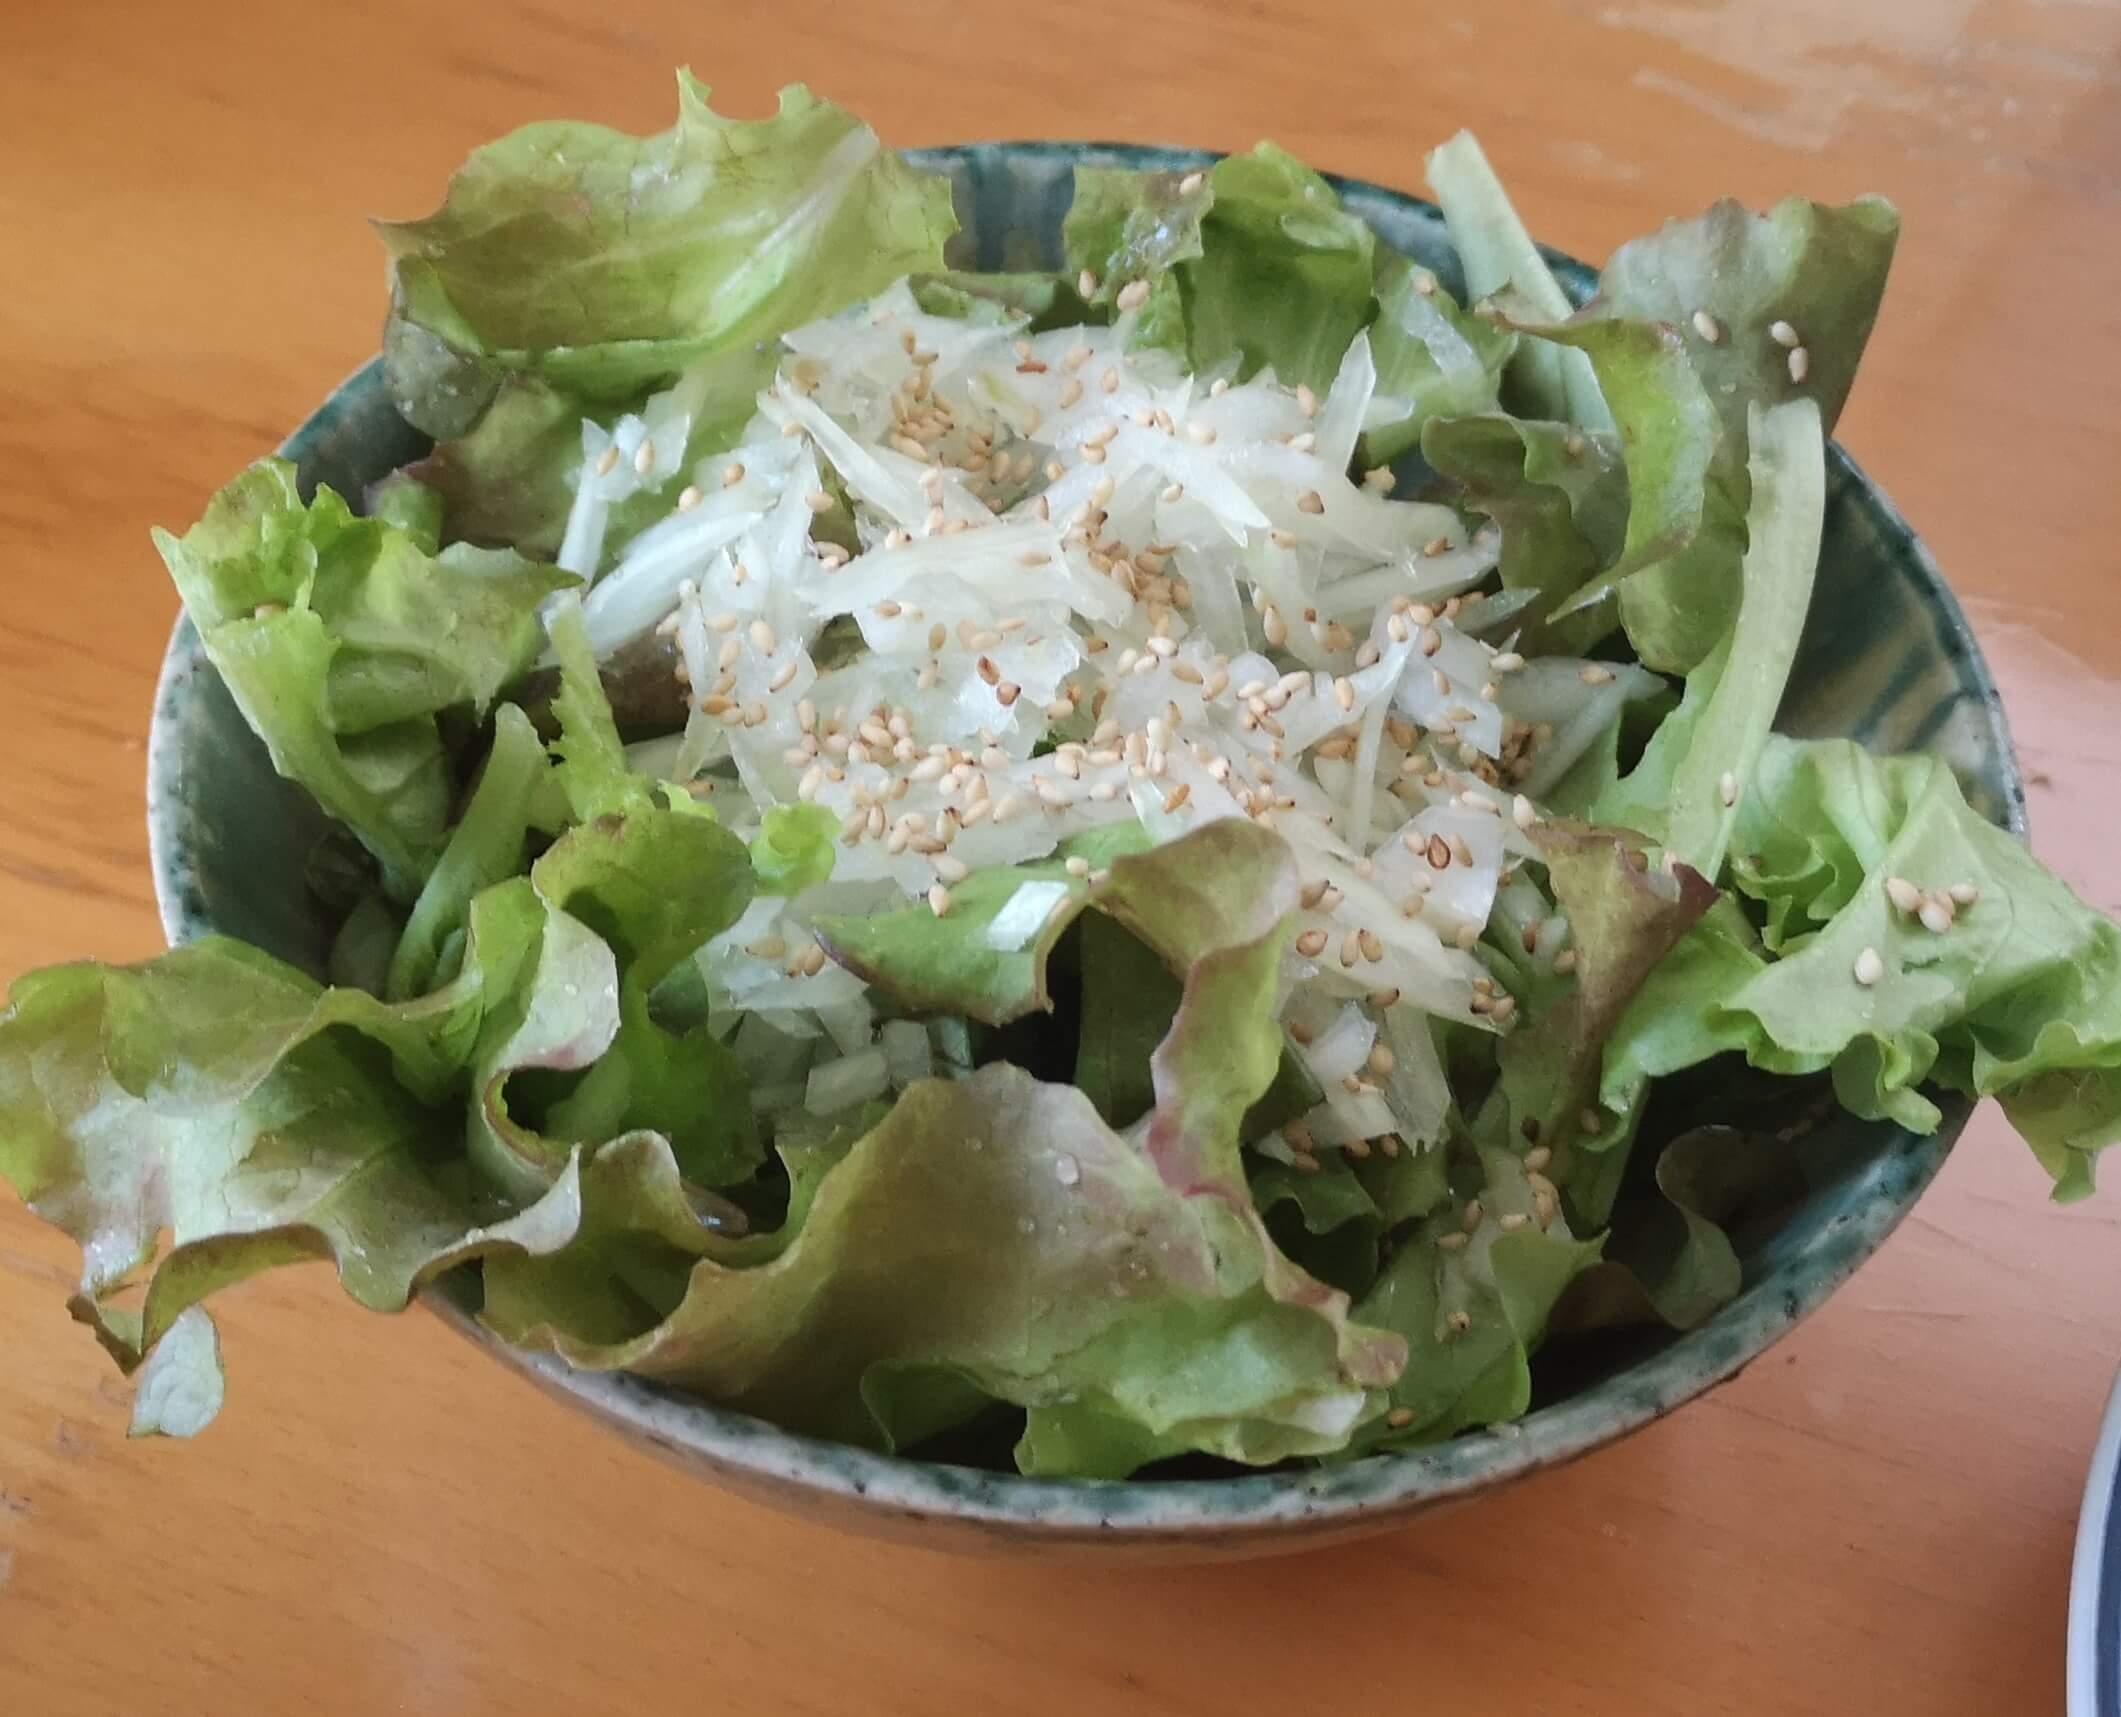 サニーレタスに刻んだ玉ねぎを乗せてサラダにして食べました